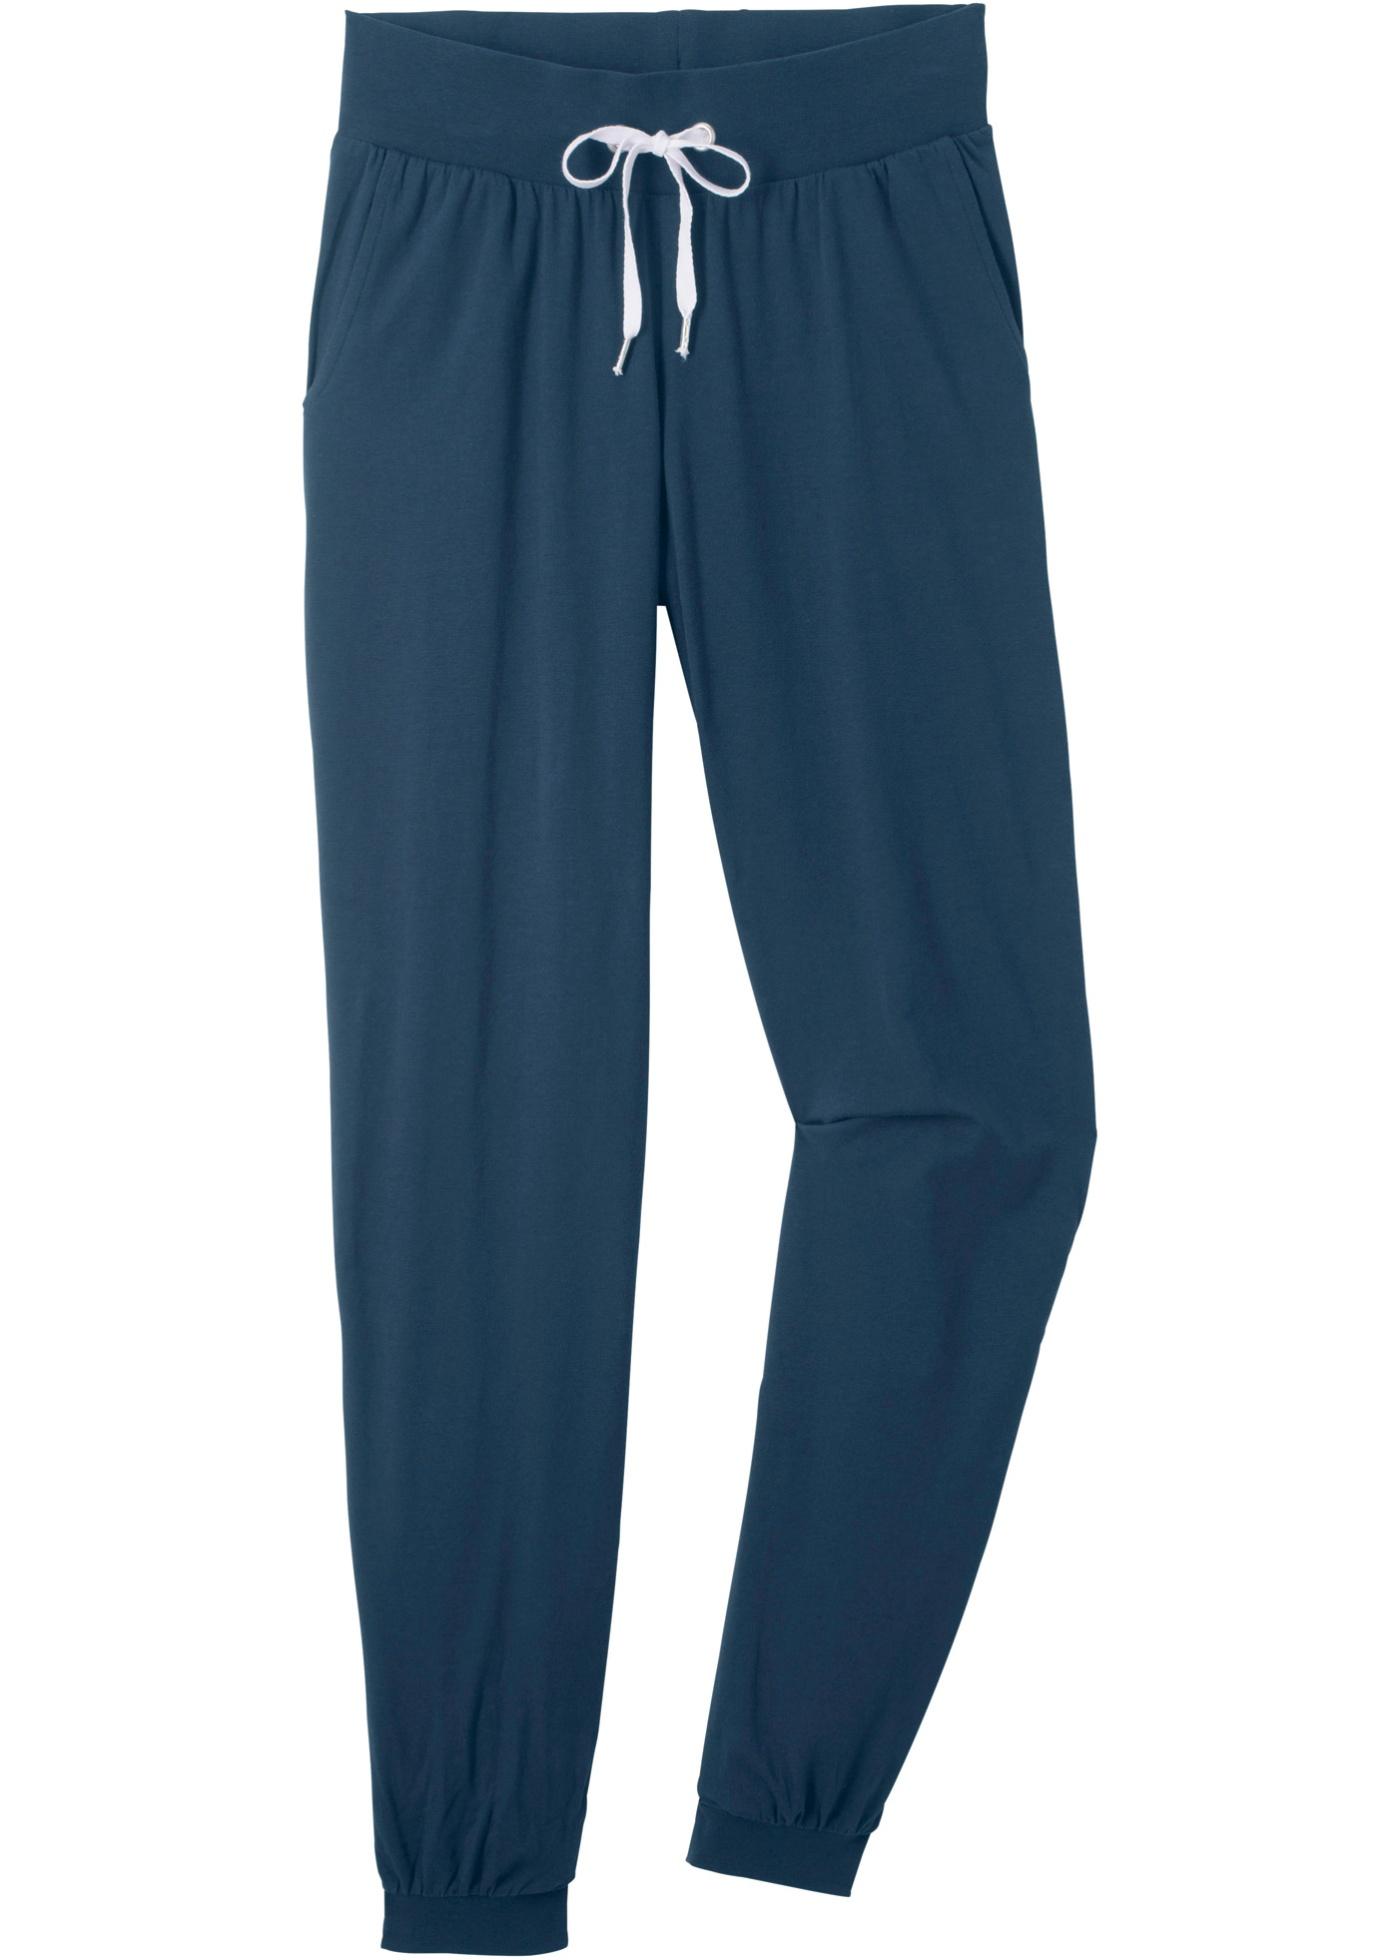 Bleu CollectionPantalon JoggingNiveau Bonprix 1 Pour De Femme Bpc gf7yYb6